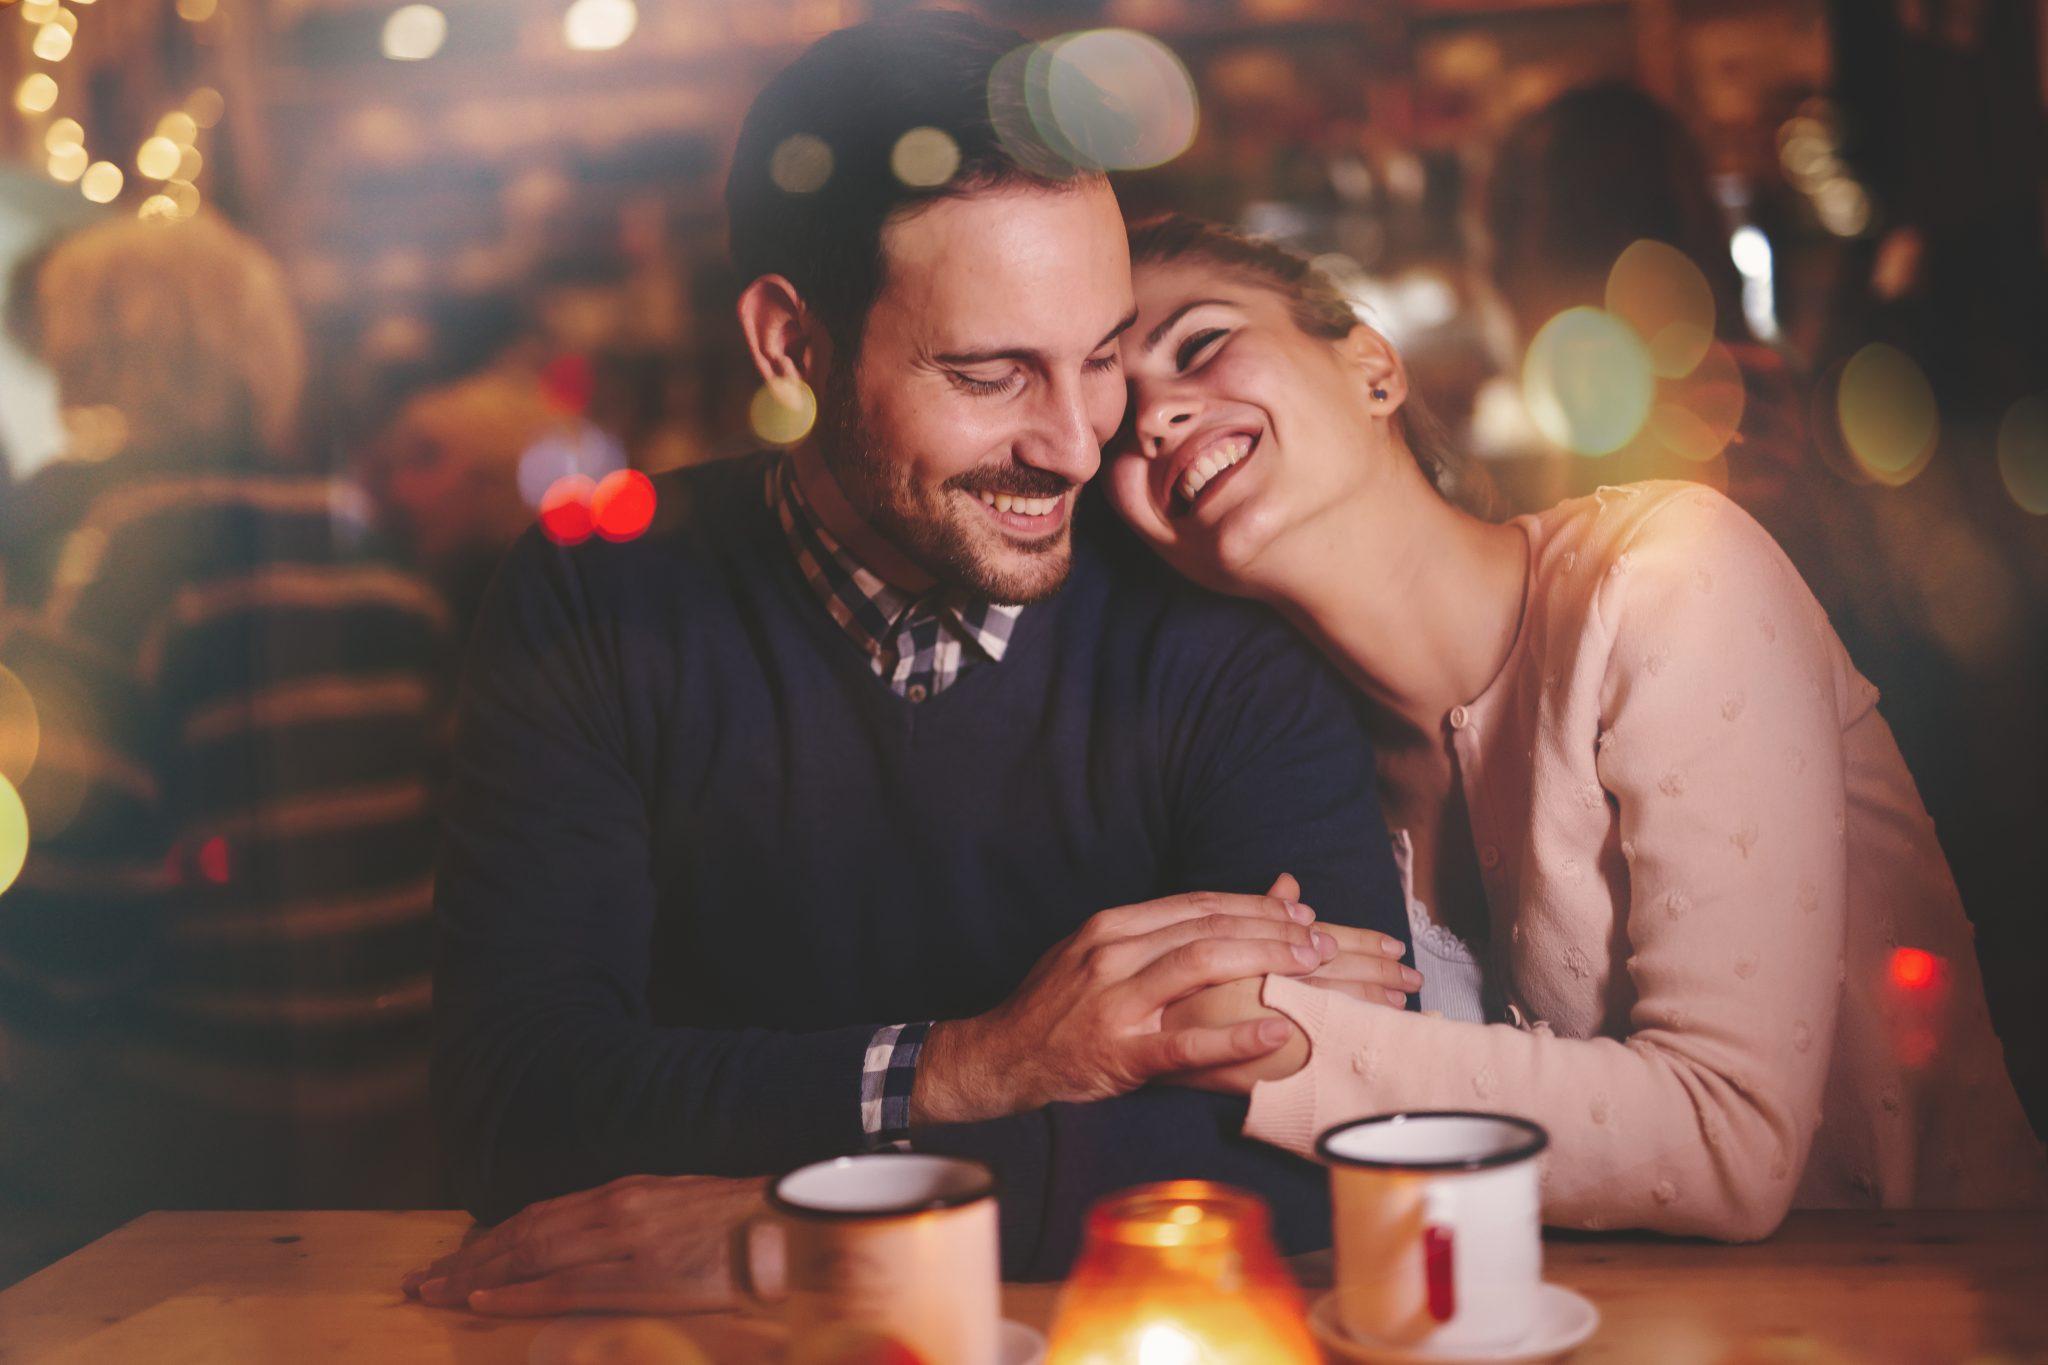 Kiedy jest najlepsza pora nanowy związek?